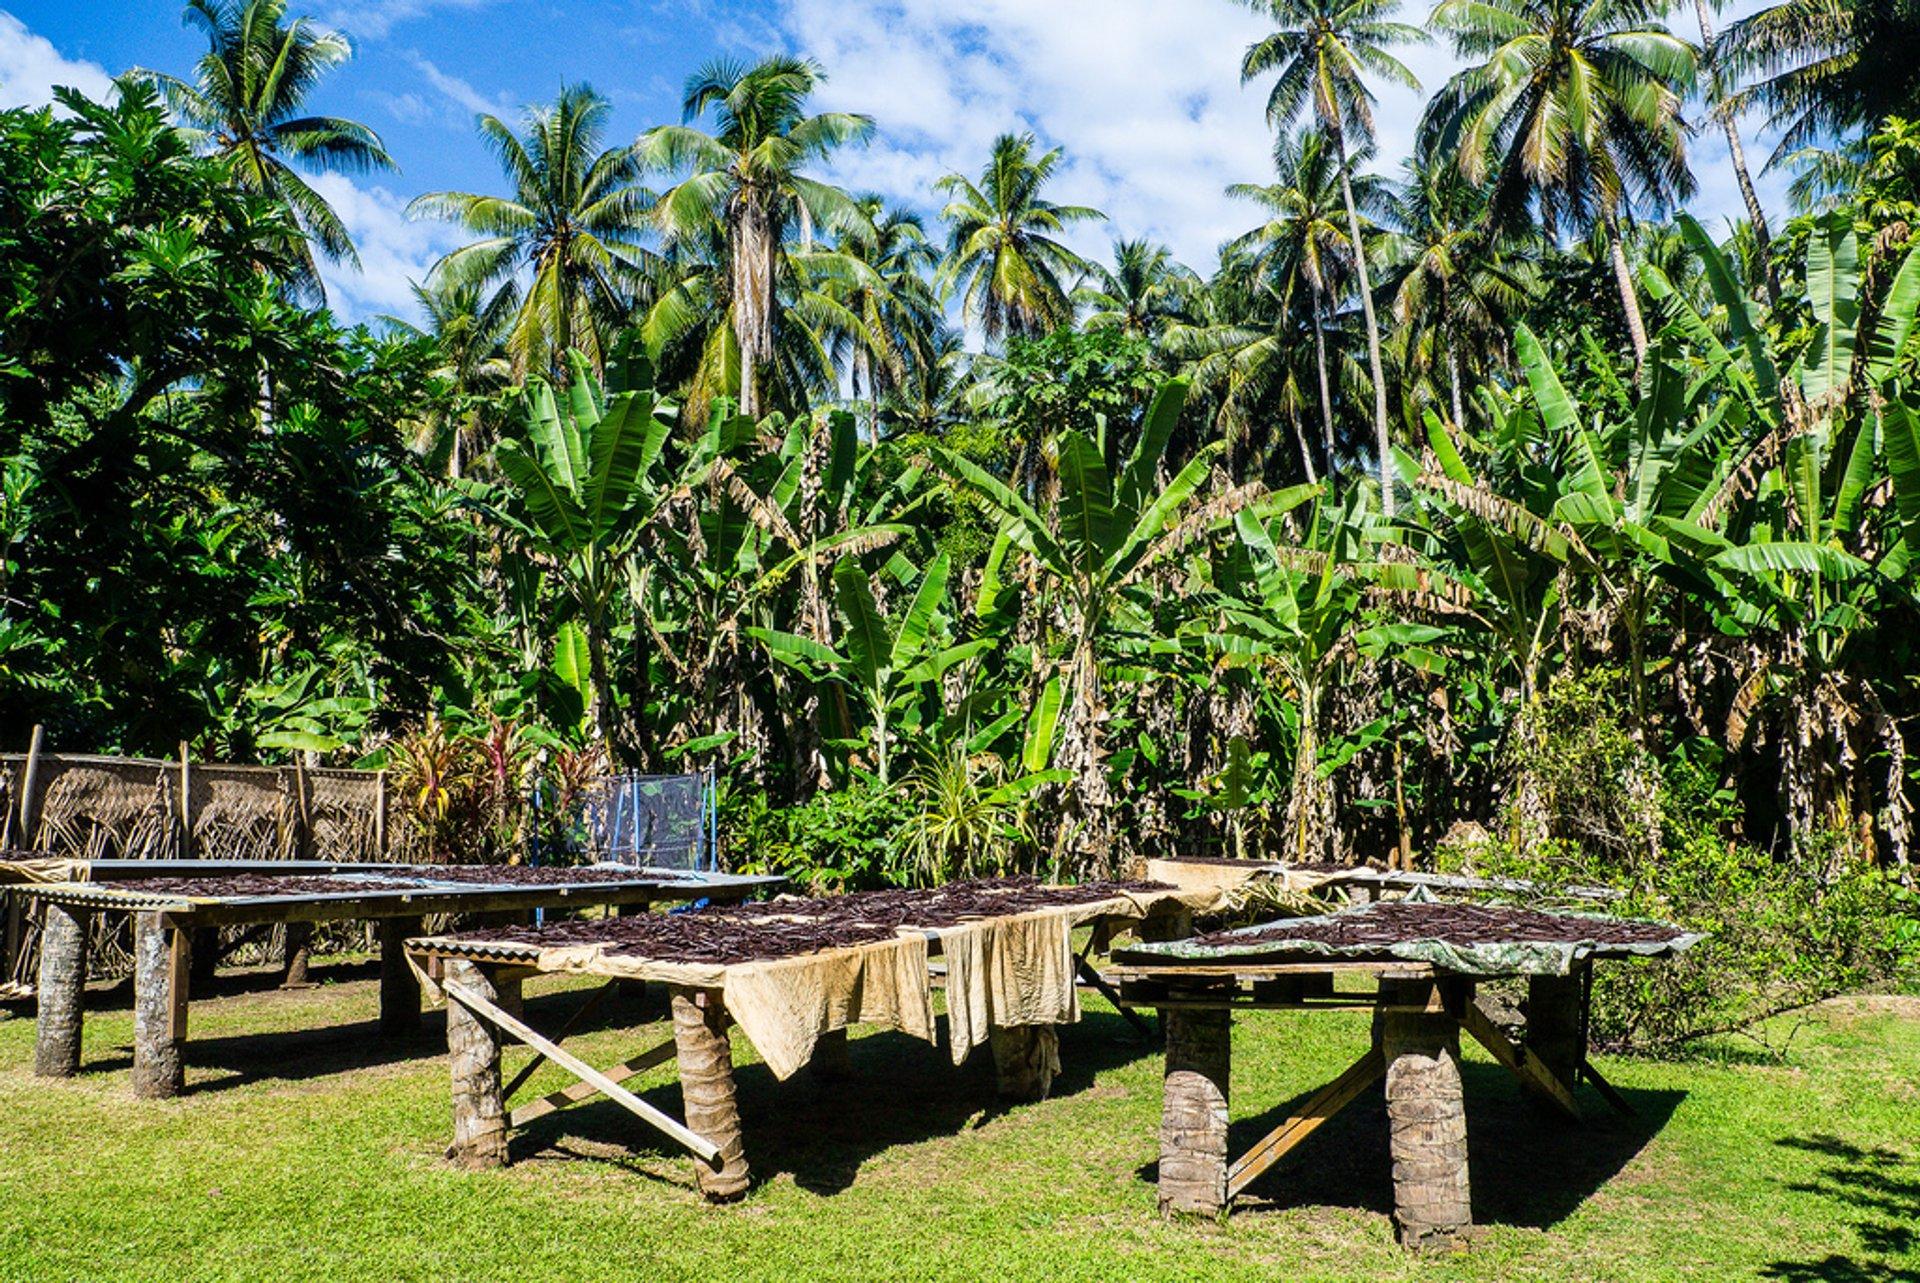 Taha'a, Vanilla Island 2020